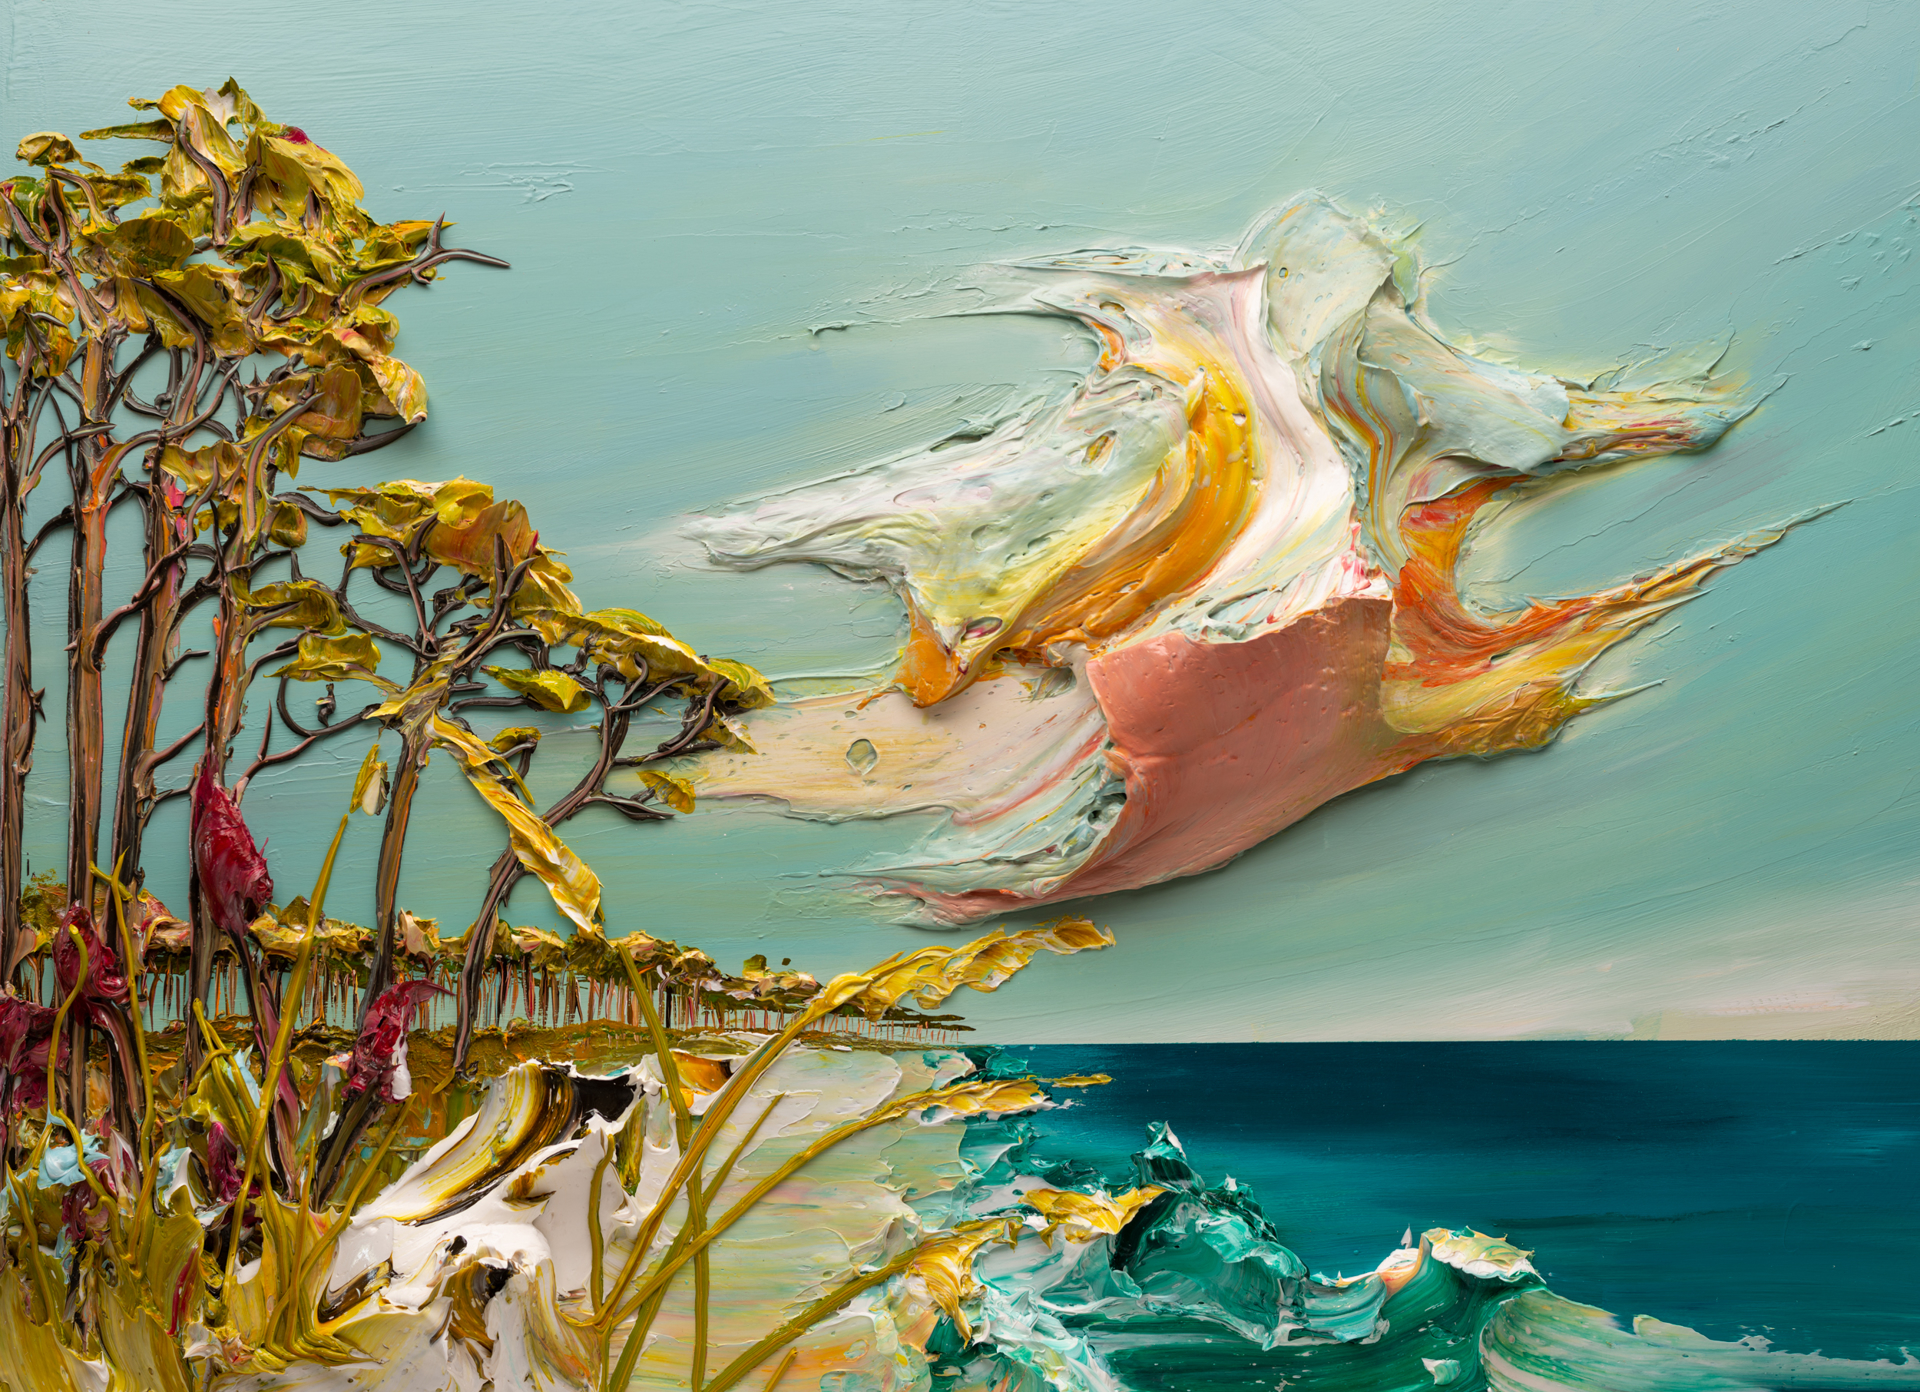 SEASCAPE SS-48x36-2020-028 by JUSTIN GAFFREY